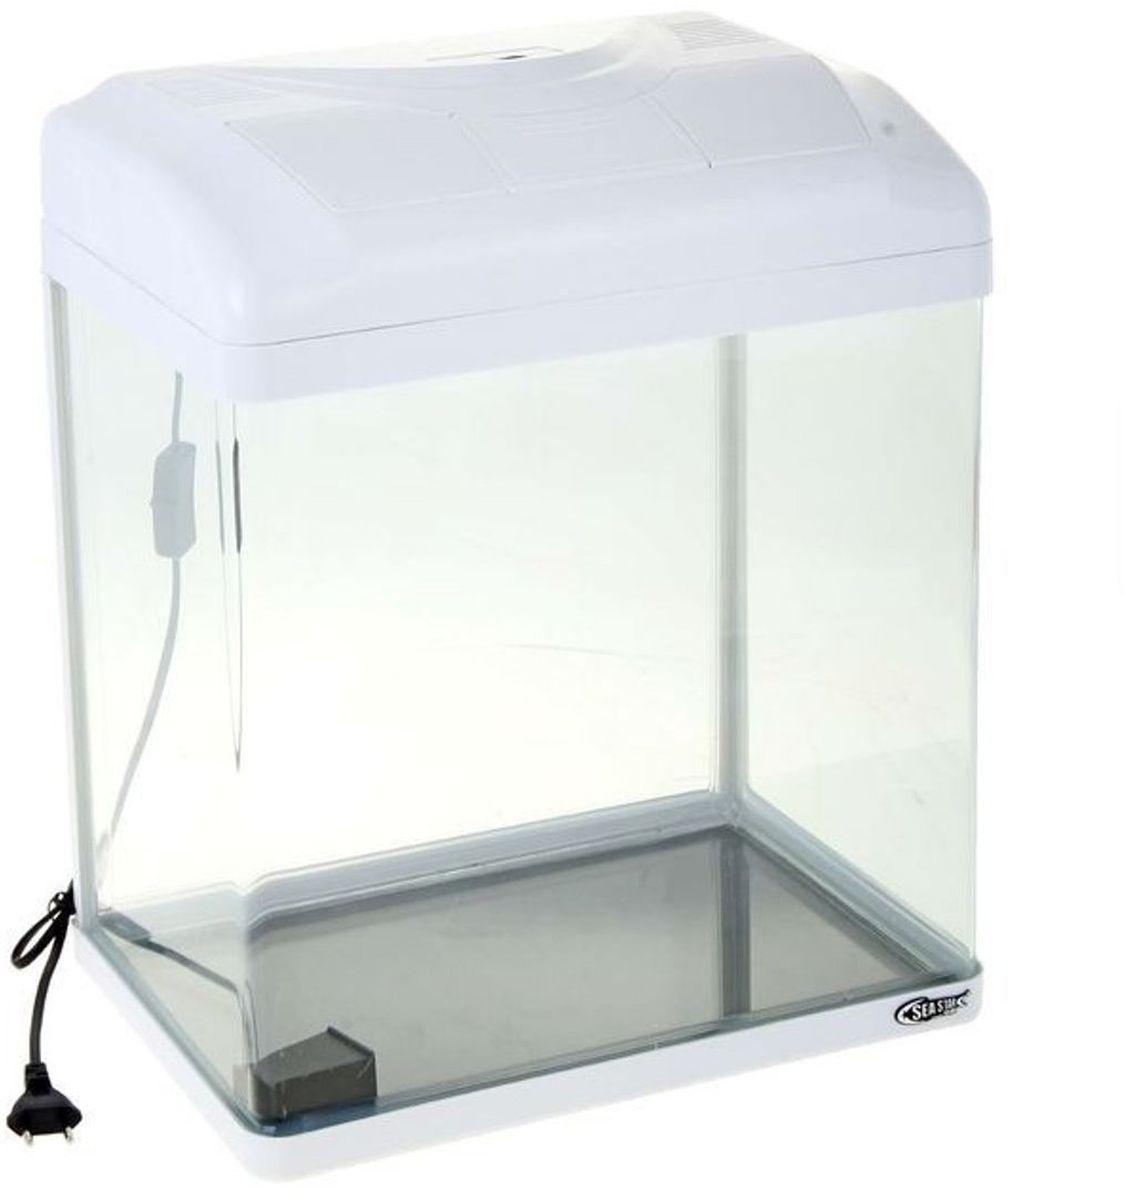 Аквариум Sea Star HX-380F, цвет: белый, прозрачный, 40 лHX-380F whiteАквариум Sea Star HX-380F станет отличным украшением дома или офиса. Элегантная емкость укомплектована необходимым оборудованием (энергопотребление - 3 Вт), которое позволяет максимально быстро подготовить экосистему и заселить ее рыбками.Выгнутая передняя стенка выполнена из полированного акрила - материала, который не уступает по прочности стеклу и отличается исключительной прозрачностью. Он не царапается и дает возможность наблюдать за обитателями аквариума из любого угла комнаты.Изделие имеет пластиковую крышку с отверстием для кормления и откидной панелью для быстрого доступа к оборудованию. В комплект входят: LED-светильник, количество и мощность диодов которого идеально соответствуют емкости аквариума, обеспечивая правильное развитие растений и рыбок;встроенный в крышку переливной фильтр с бесшумной помпой и губчатым наполнителем для биологической очистки.